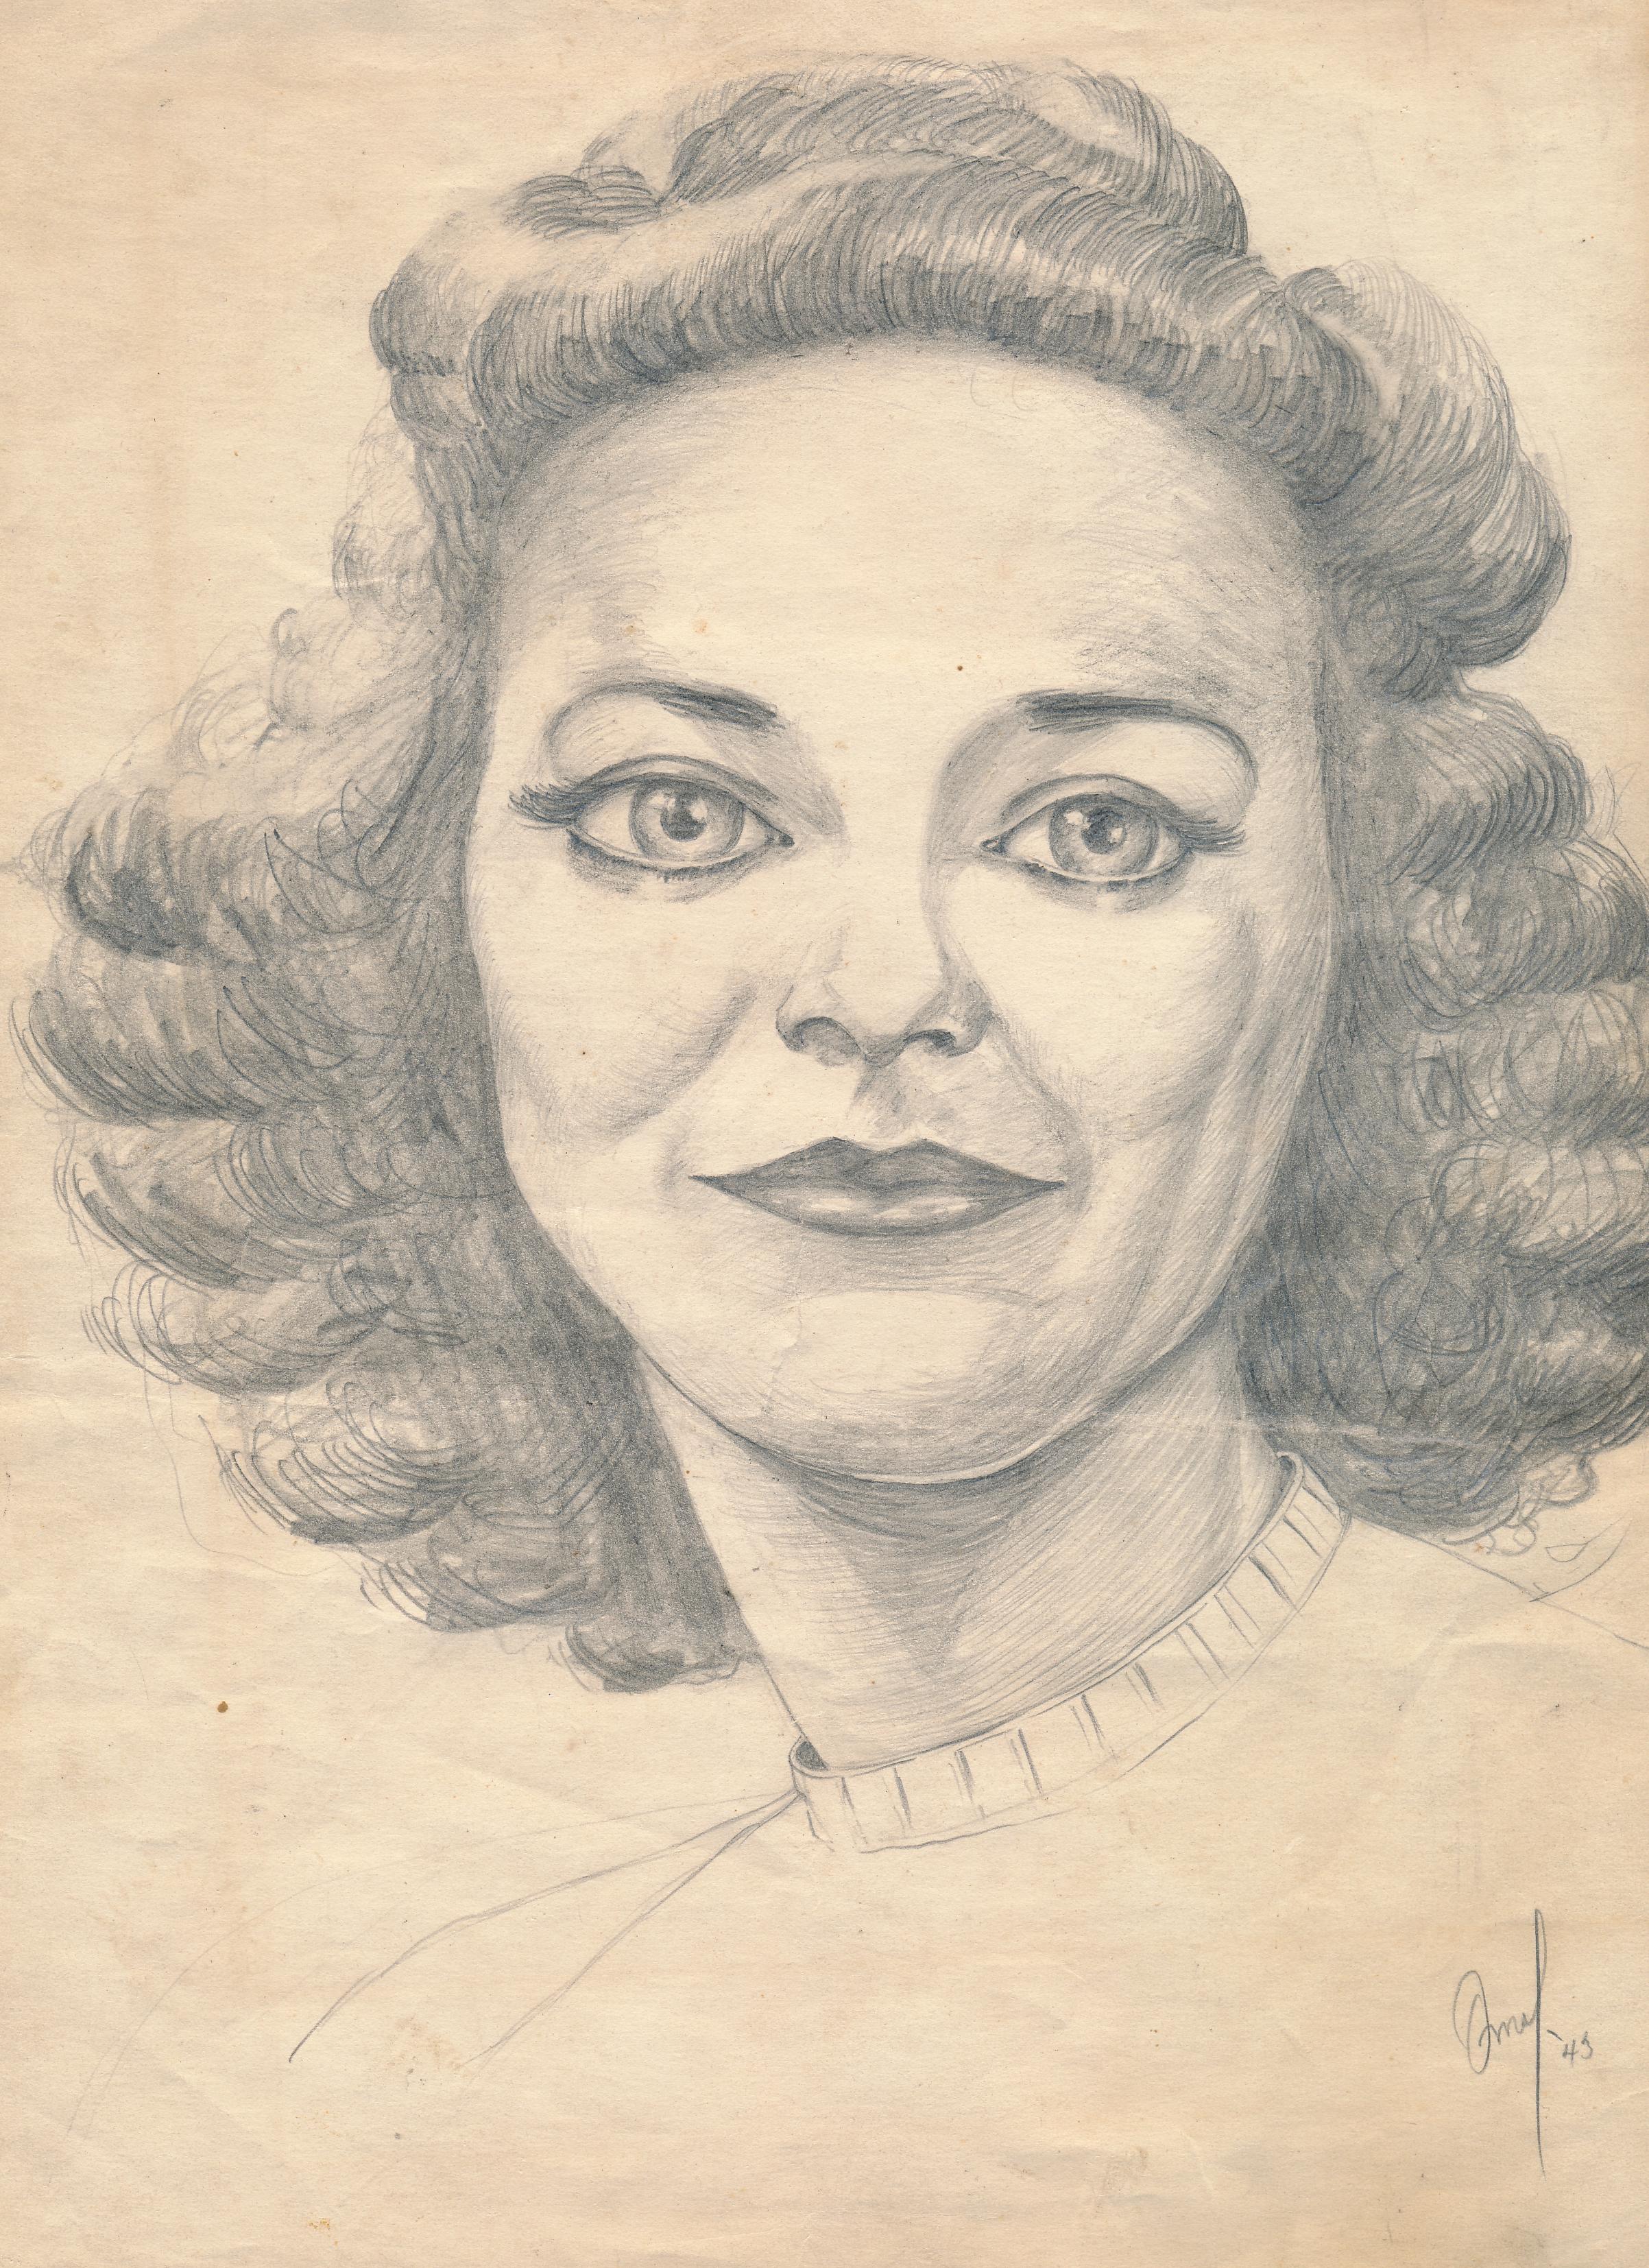 BLO Original Sketch - 1945 copy.jpg